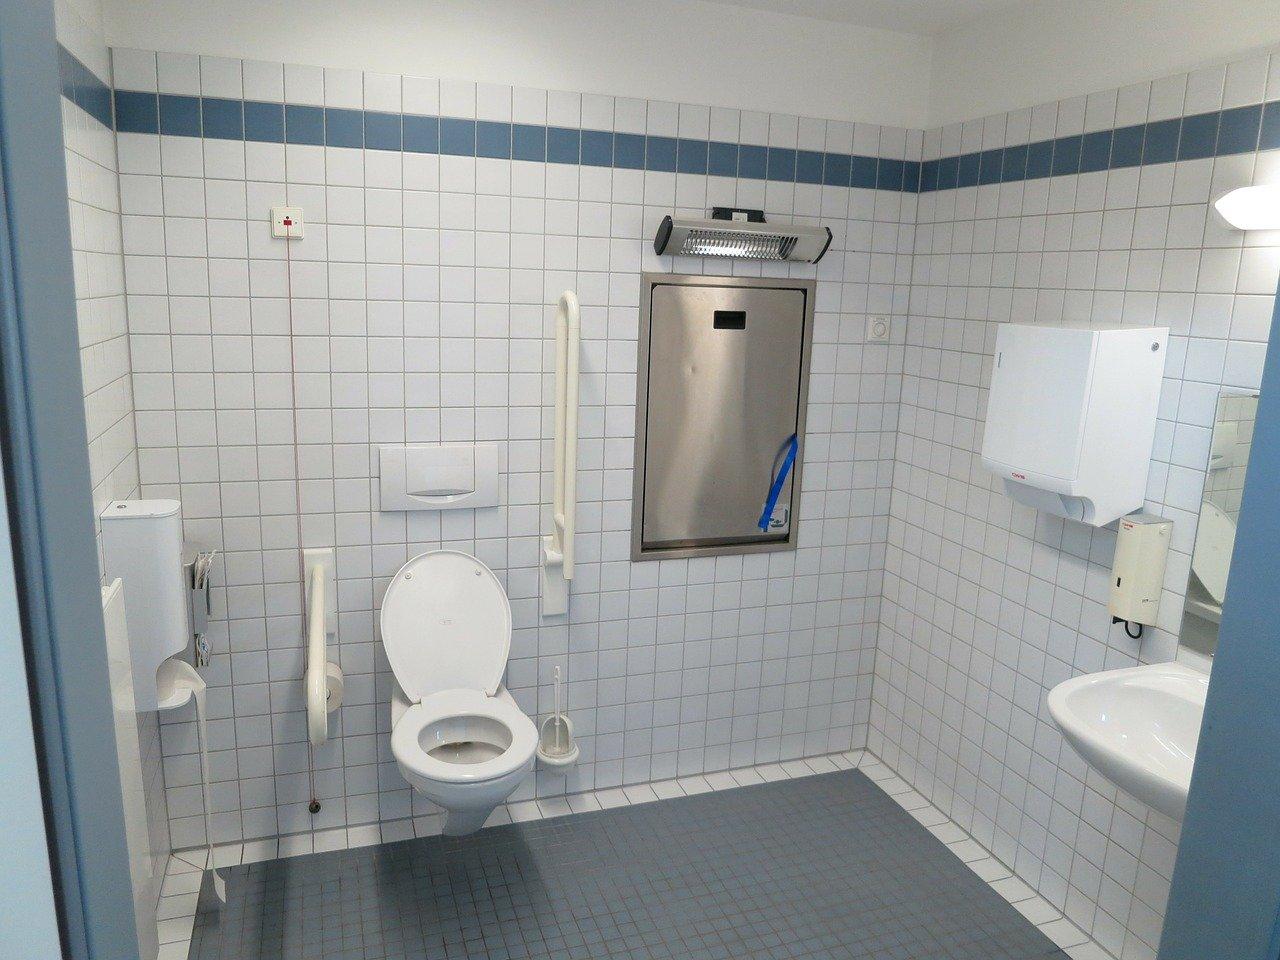 Quelle est la hauteur pour un wc suspendu?